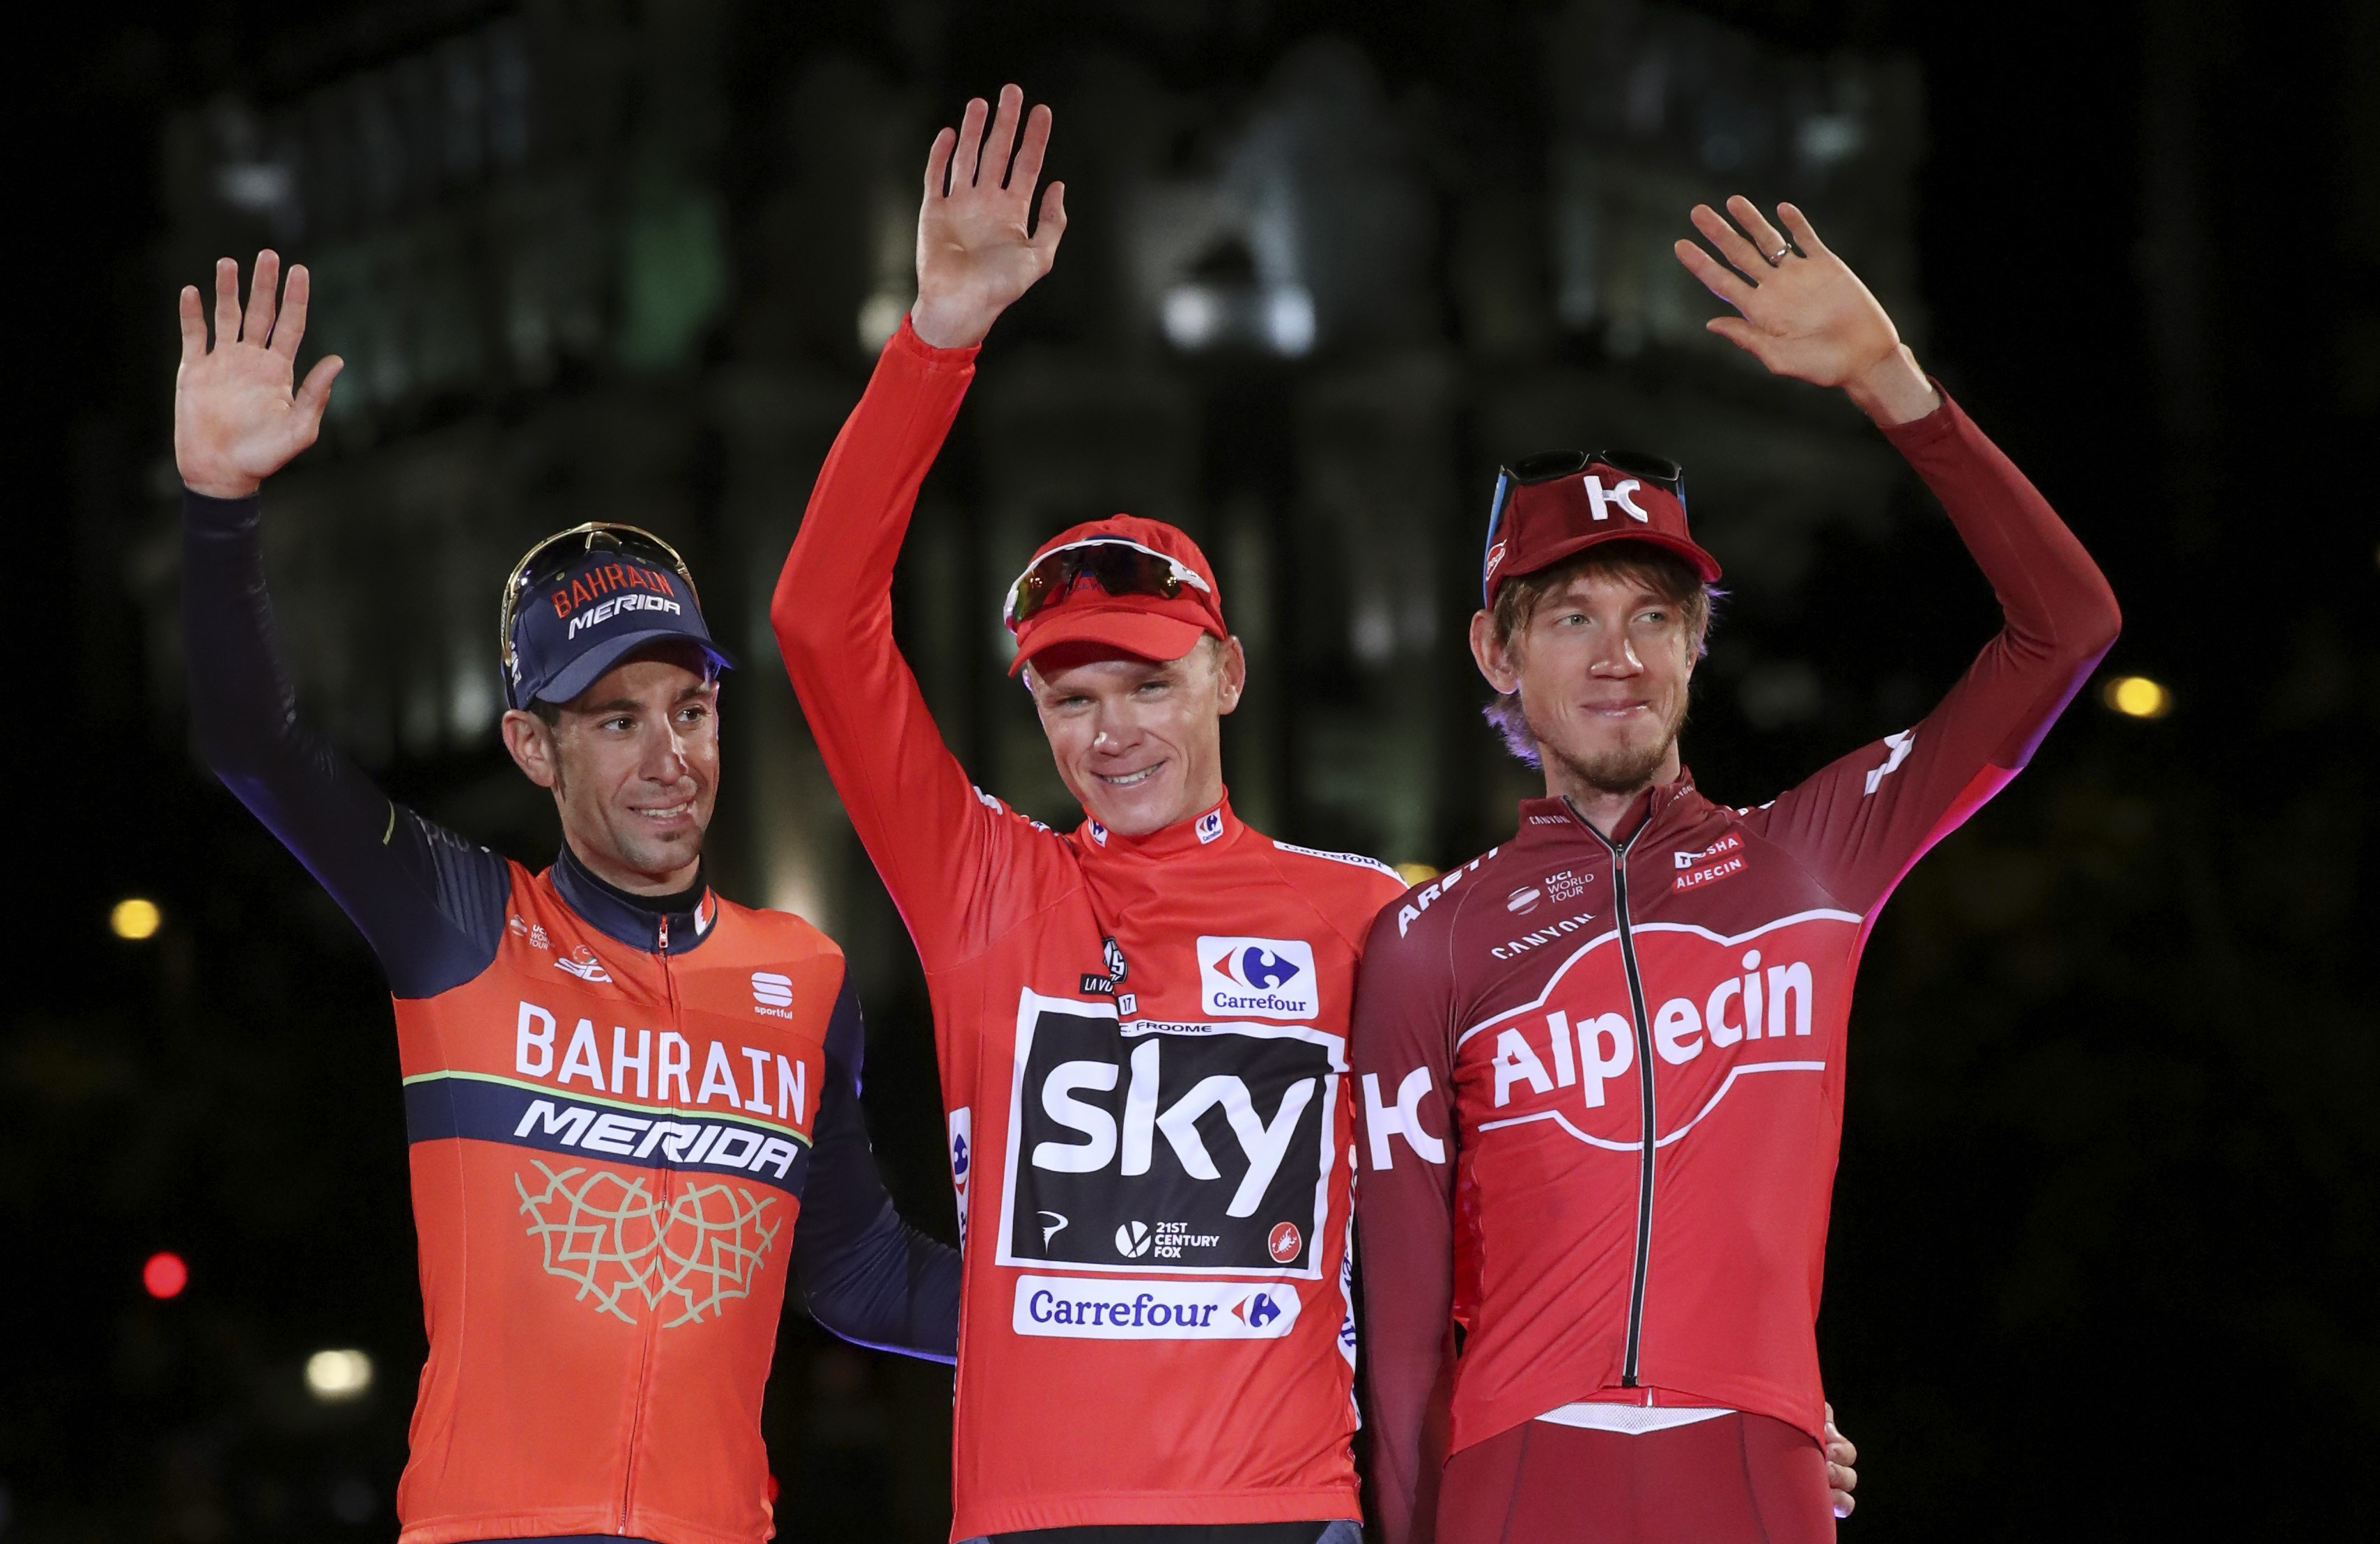 """Nibali: """"Nadie podrá devolverme la emoción de ganar la Vuelta"""""""